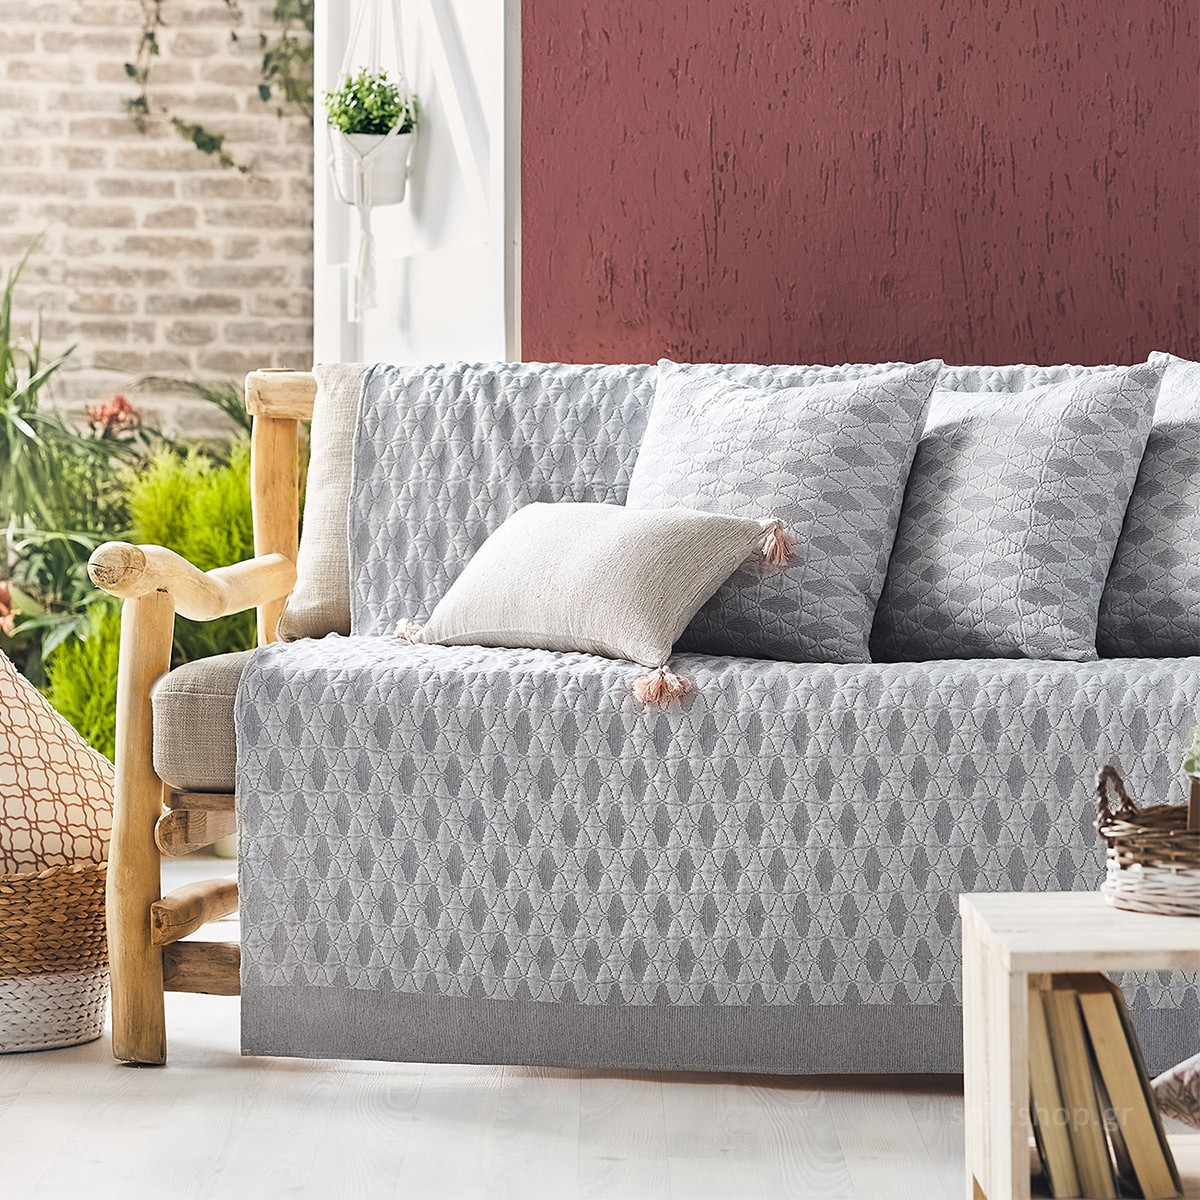 Ριχτάρι Τετραθέσιου (180×350) Gofis Home Quattro Grey 386/15